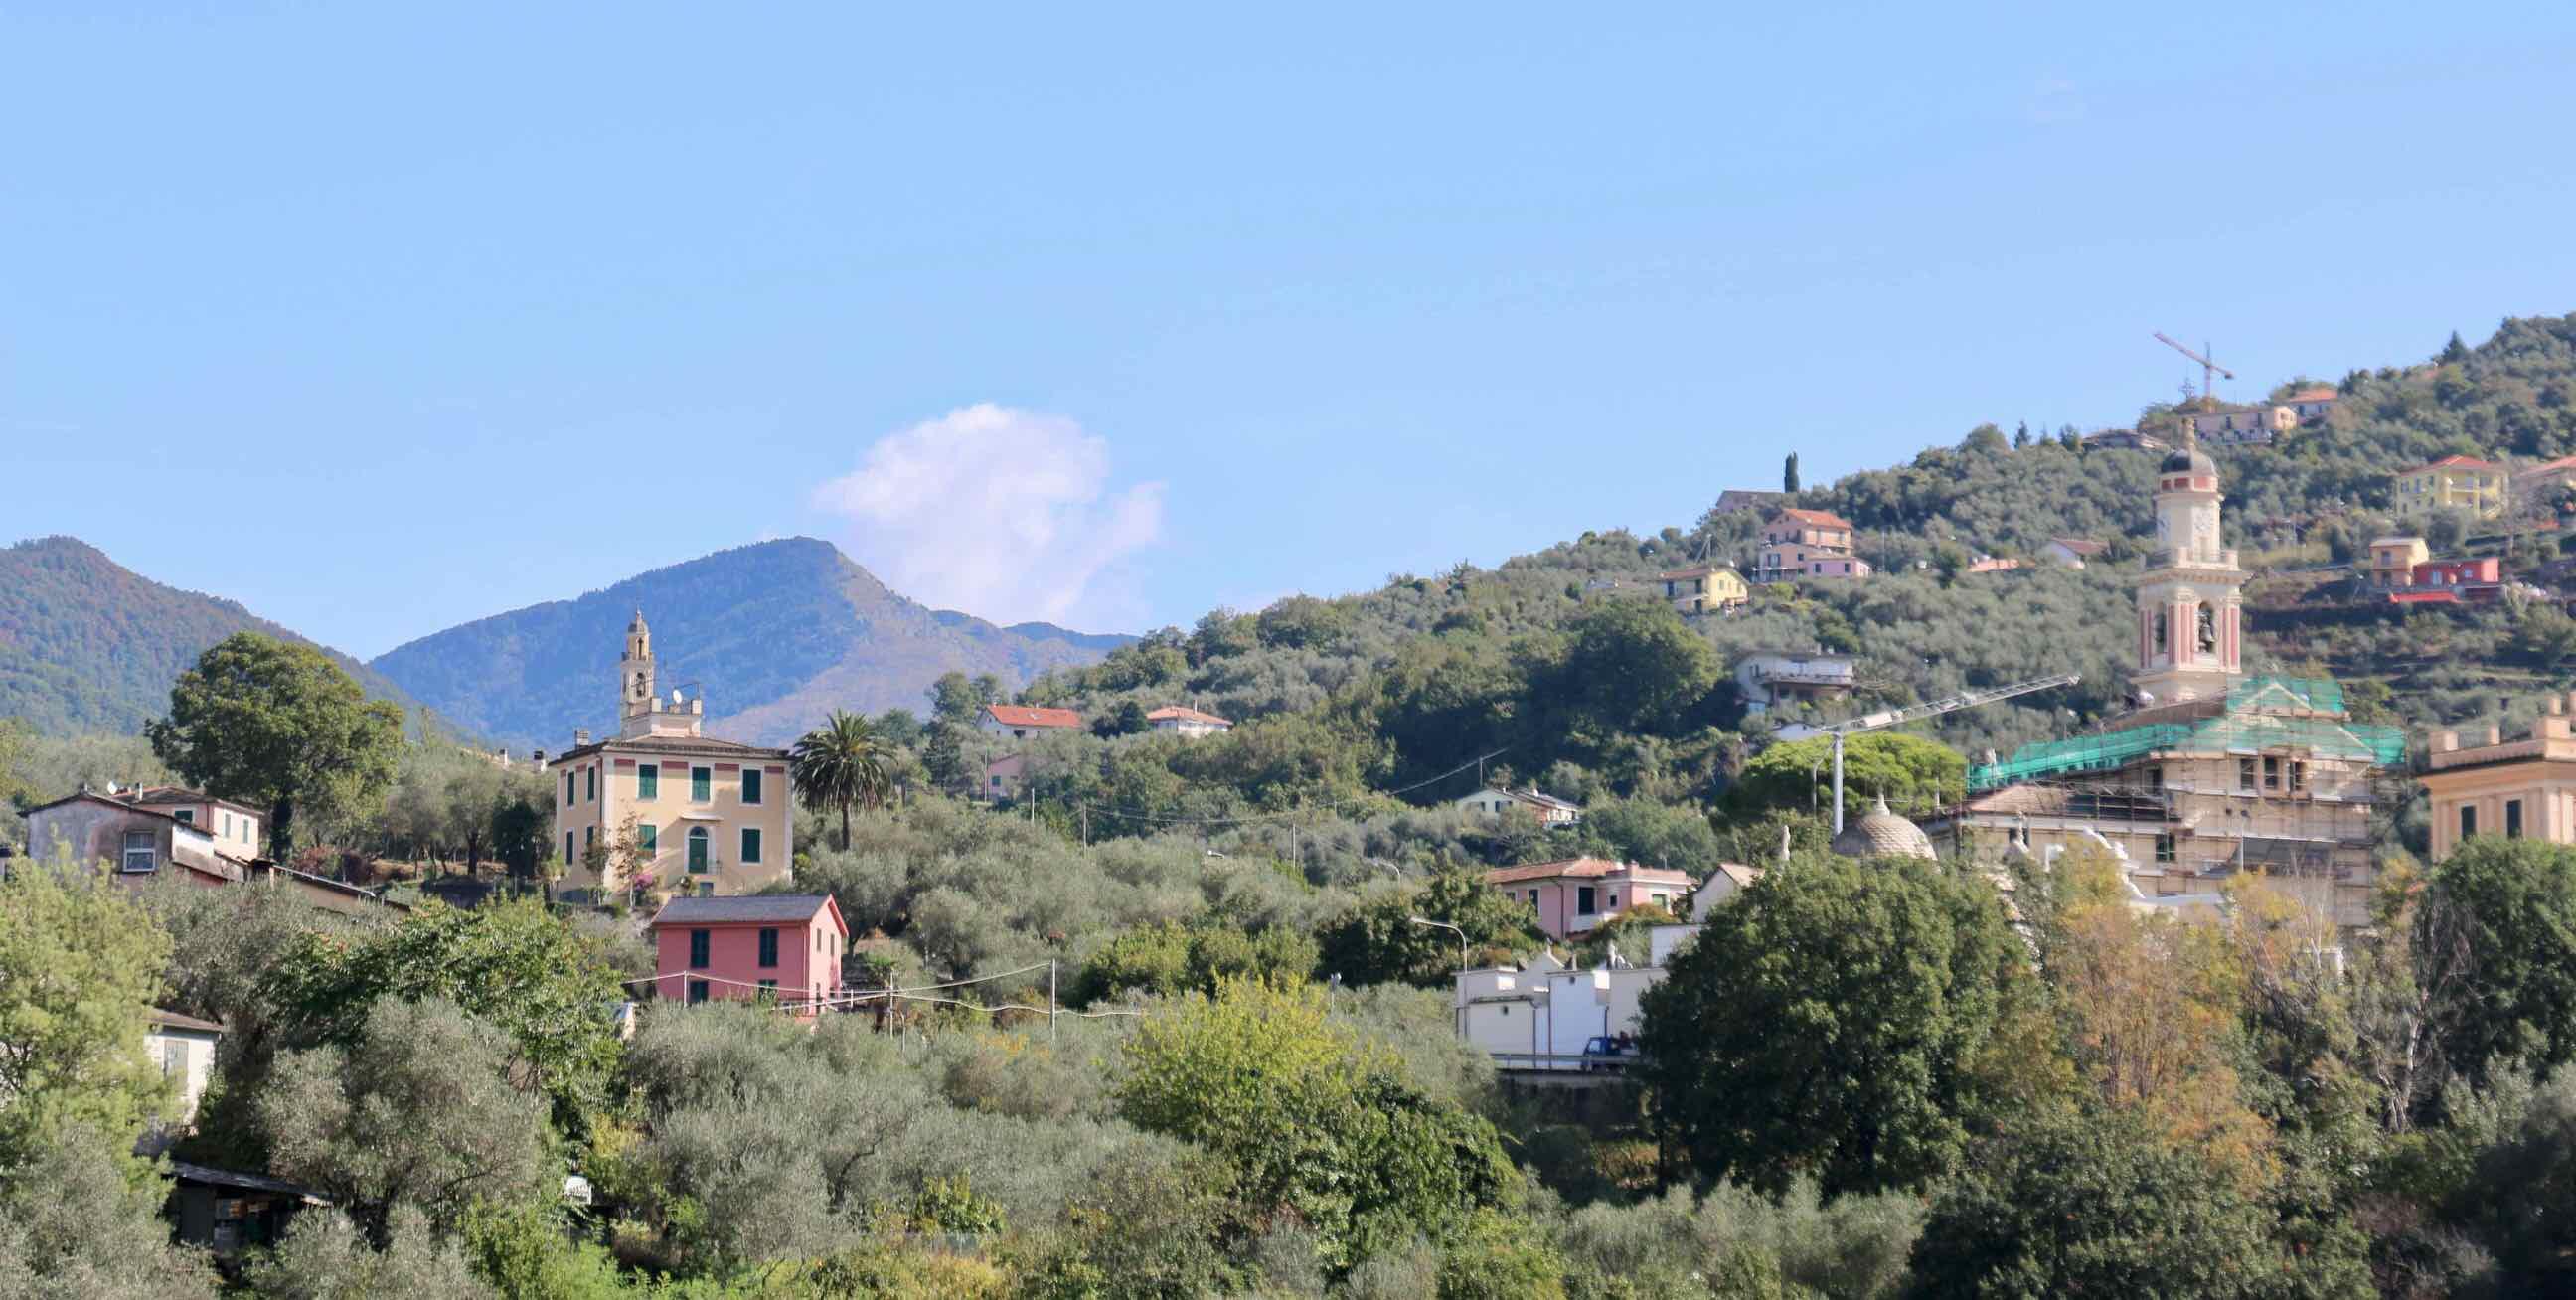 Casa per Ferie Villaggio Ospitale - Centro San Salvatore Villaggio del Ragazzo - 22